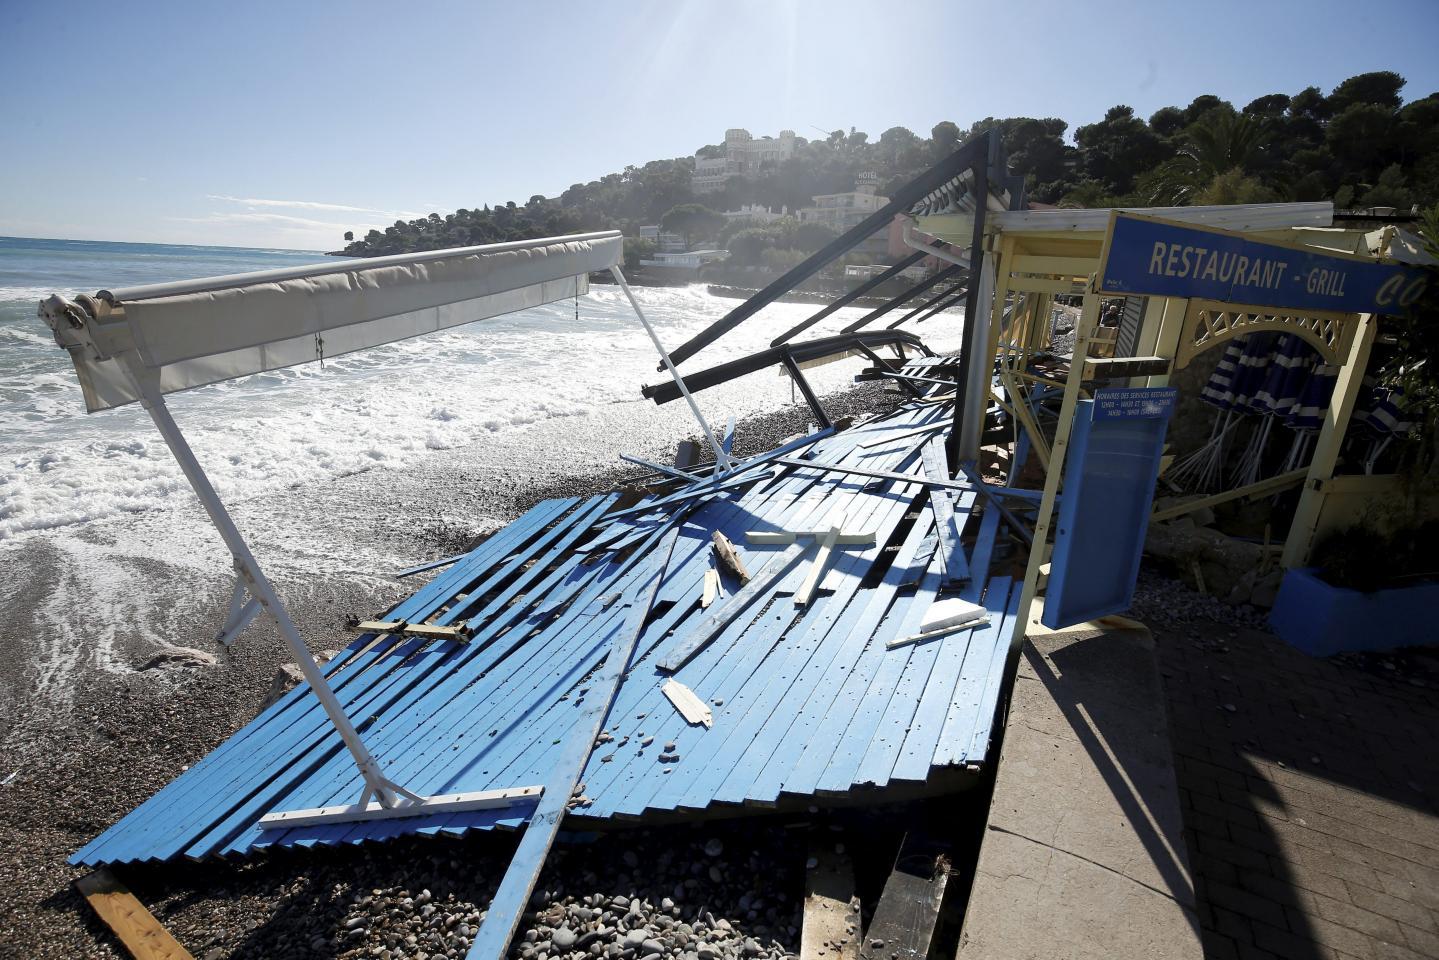 Sur le littoral roquebrunois, ce restaurant de plage à été démonté par les vagues.